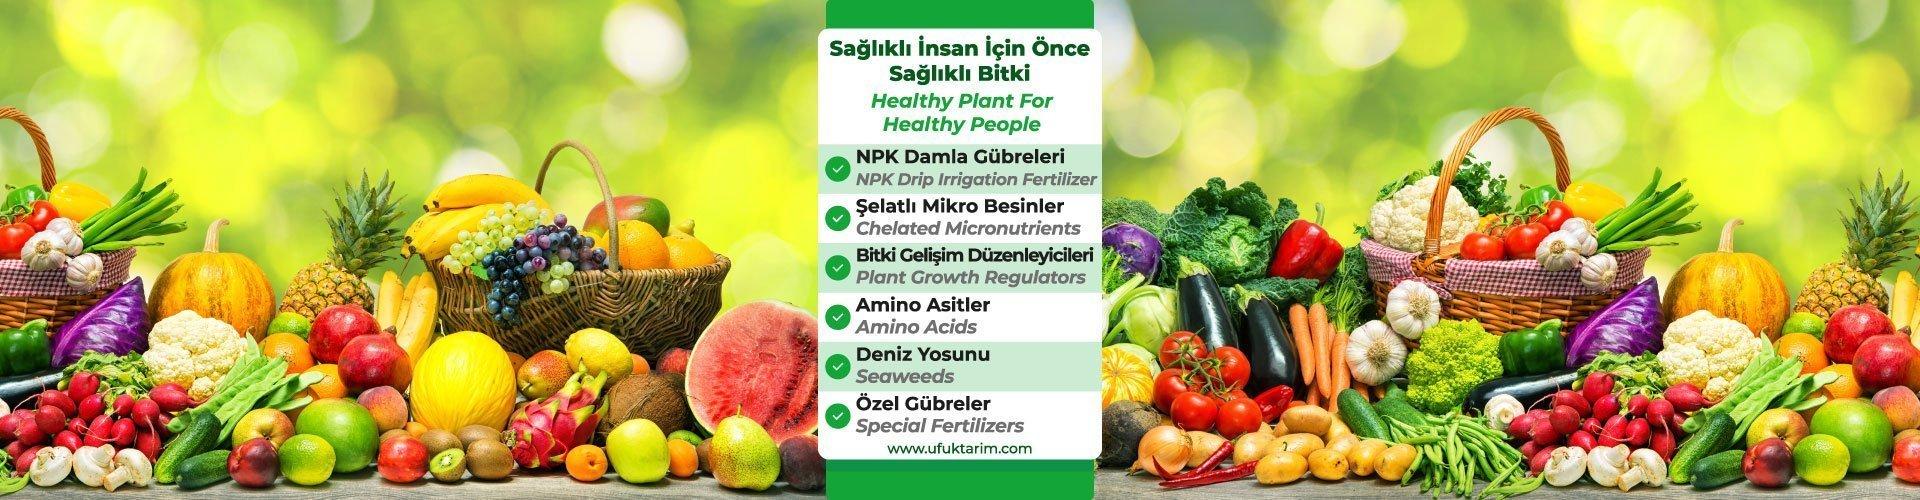 Sağlıklı İnsan İçin Önce Sağlıklı Bitki..